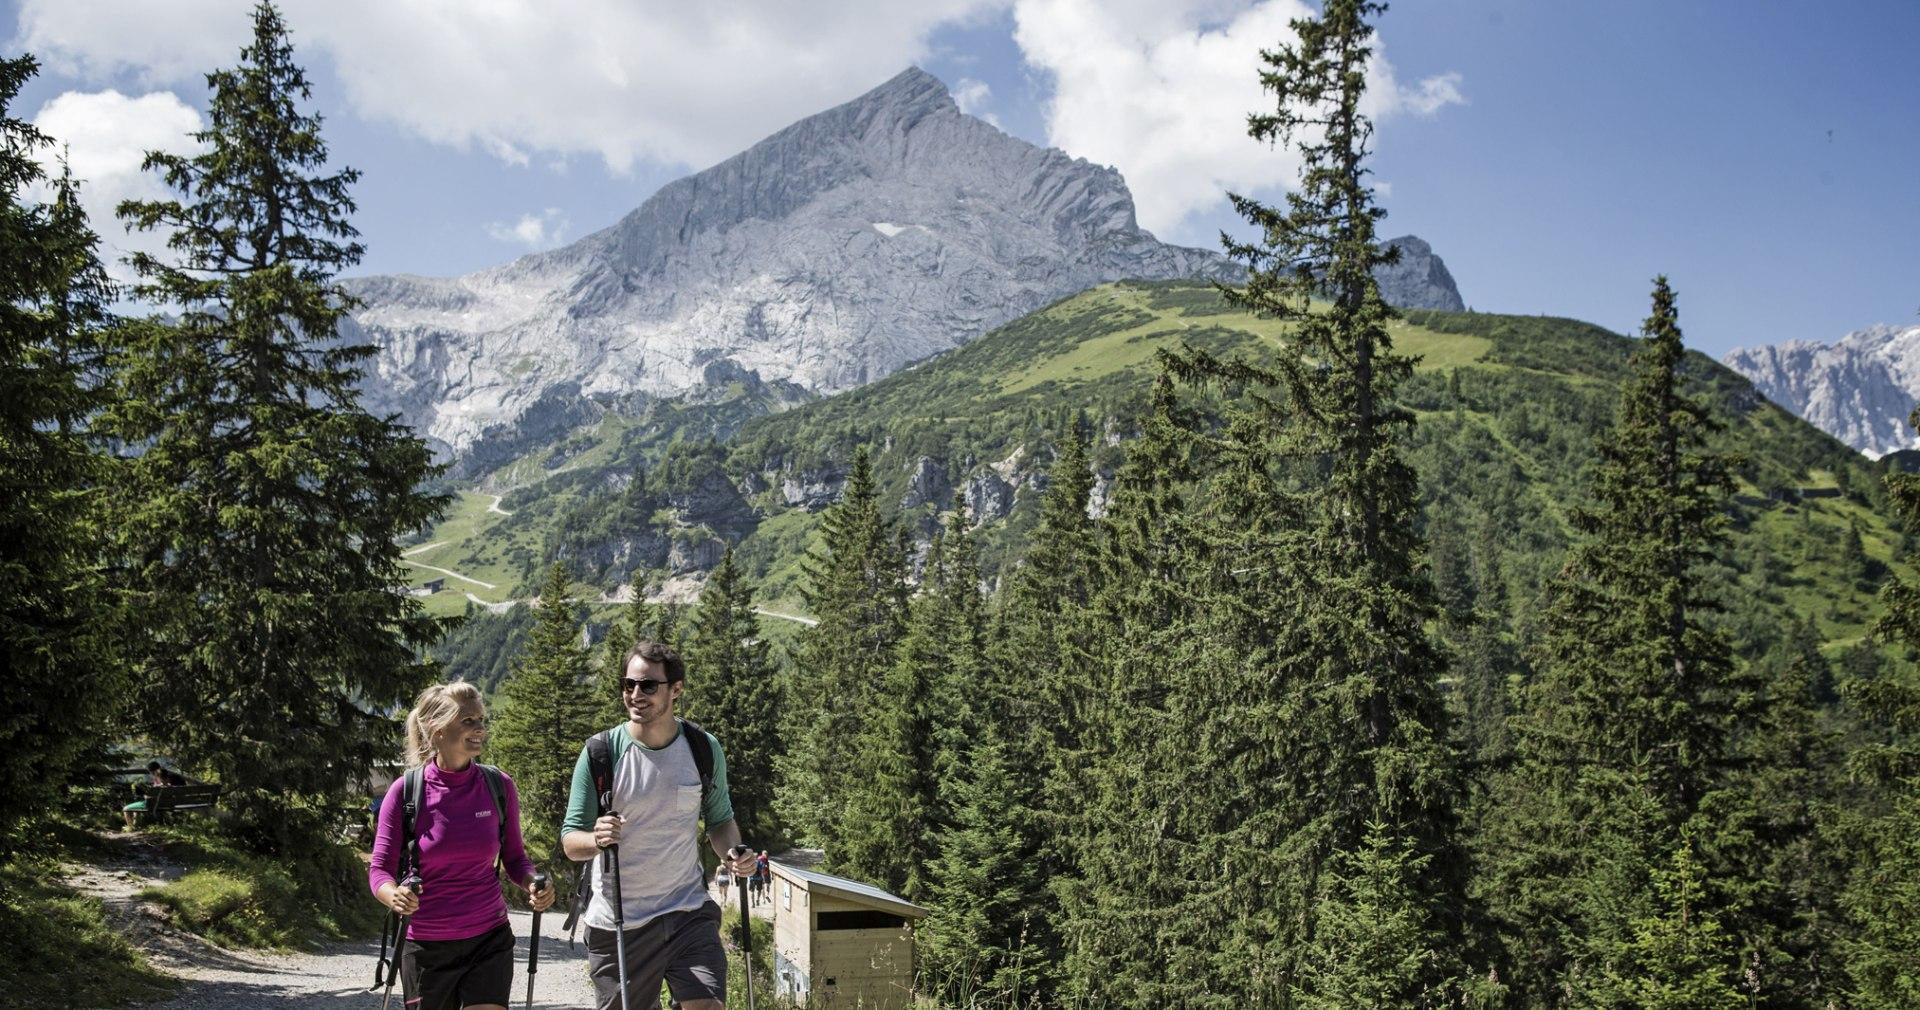 Wandern im Classic-Gebiet, © Bayerische Zugspitzbahn Bergbahn AG - Matthias Fend